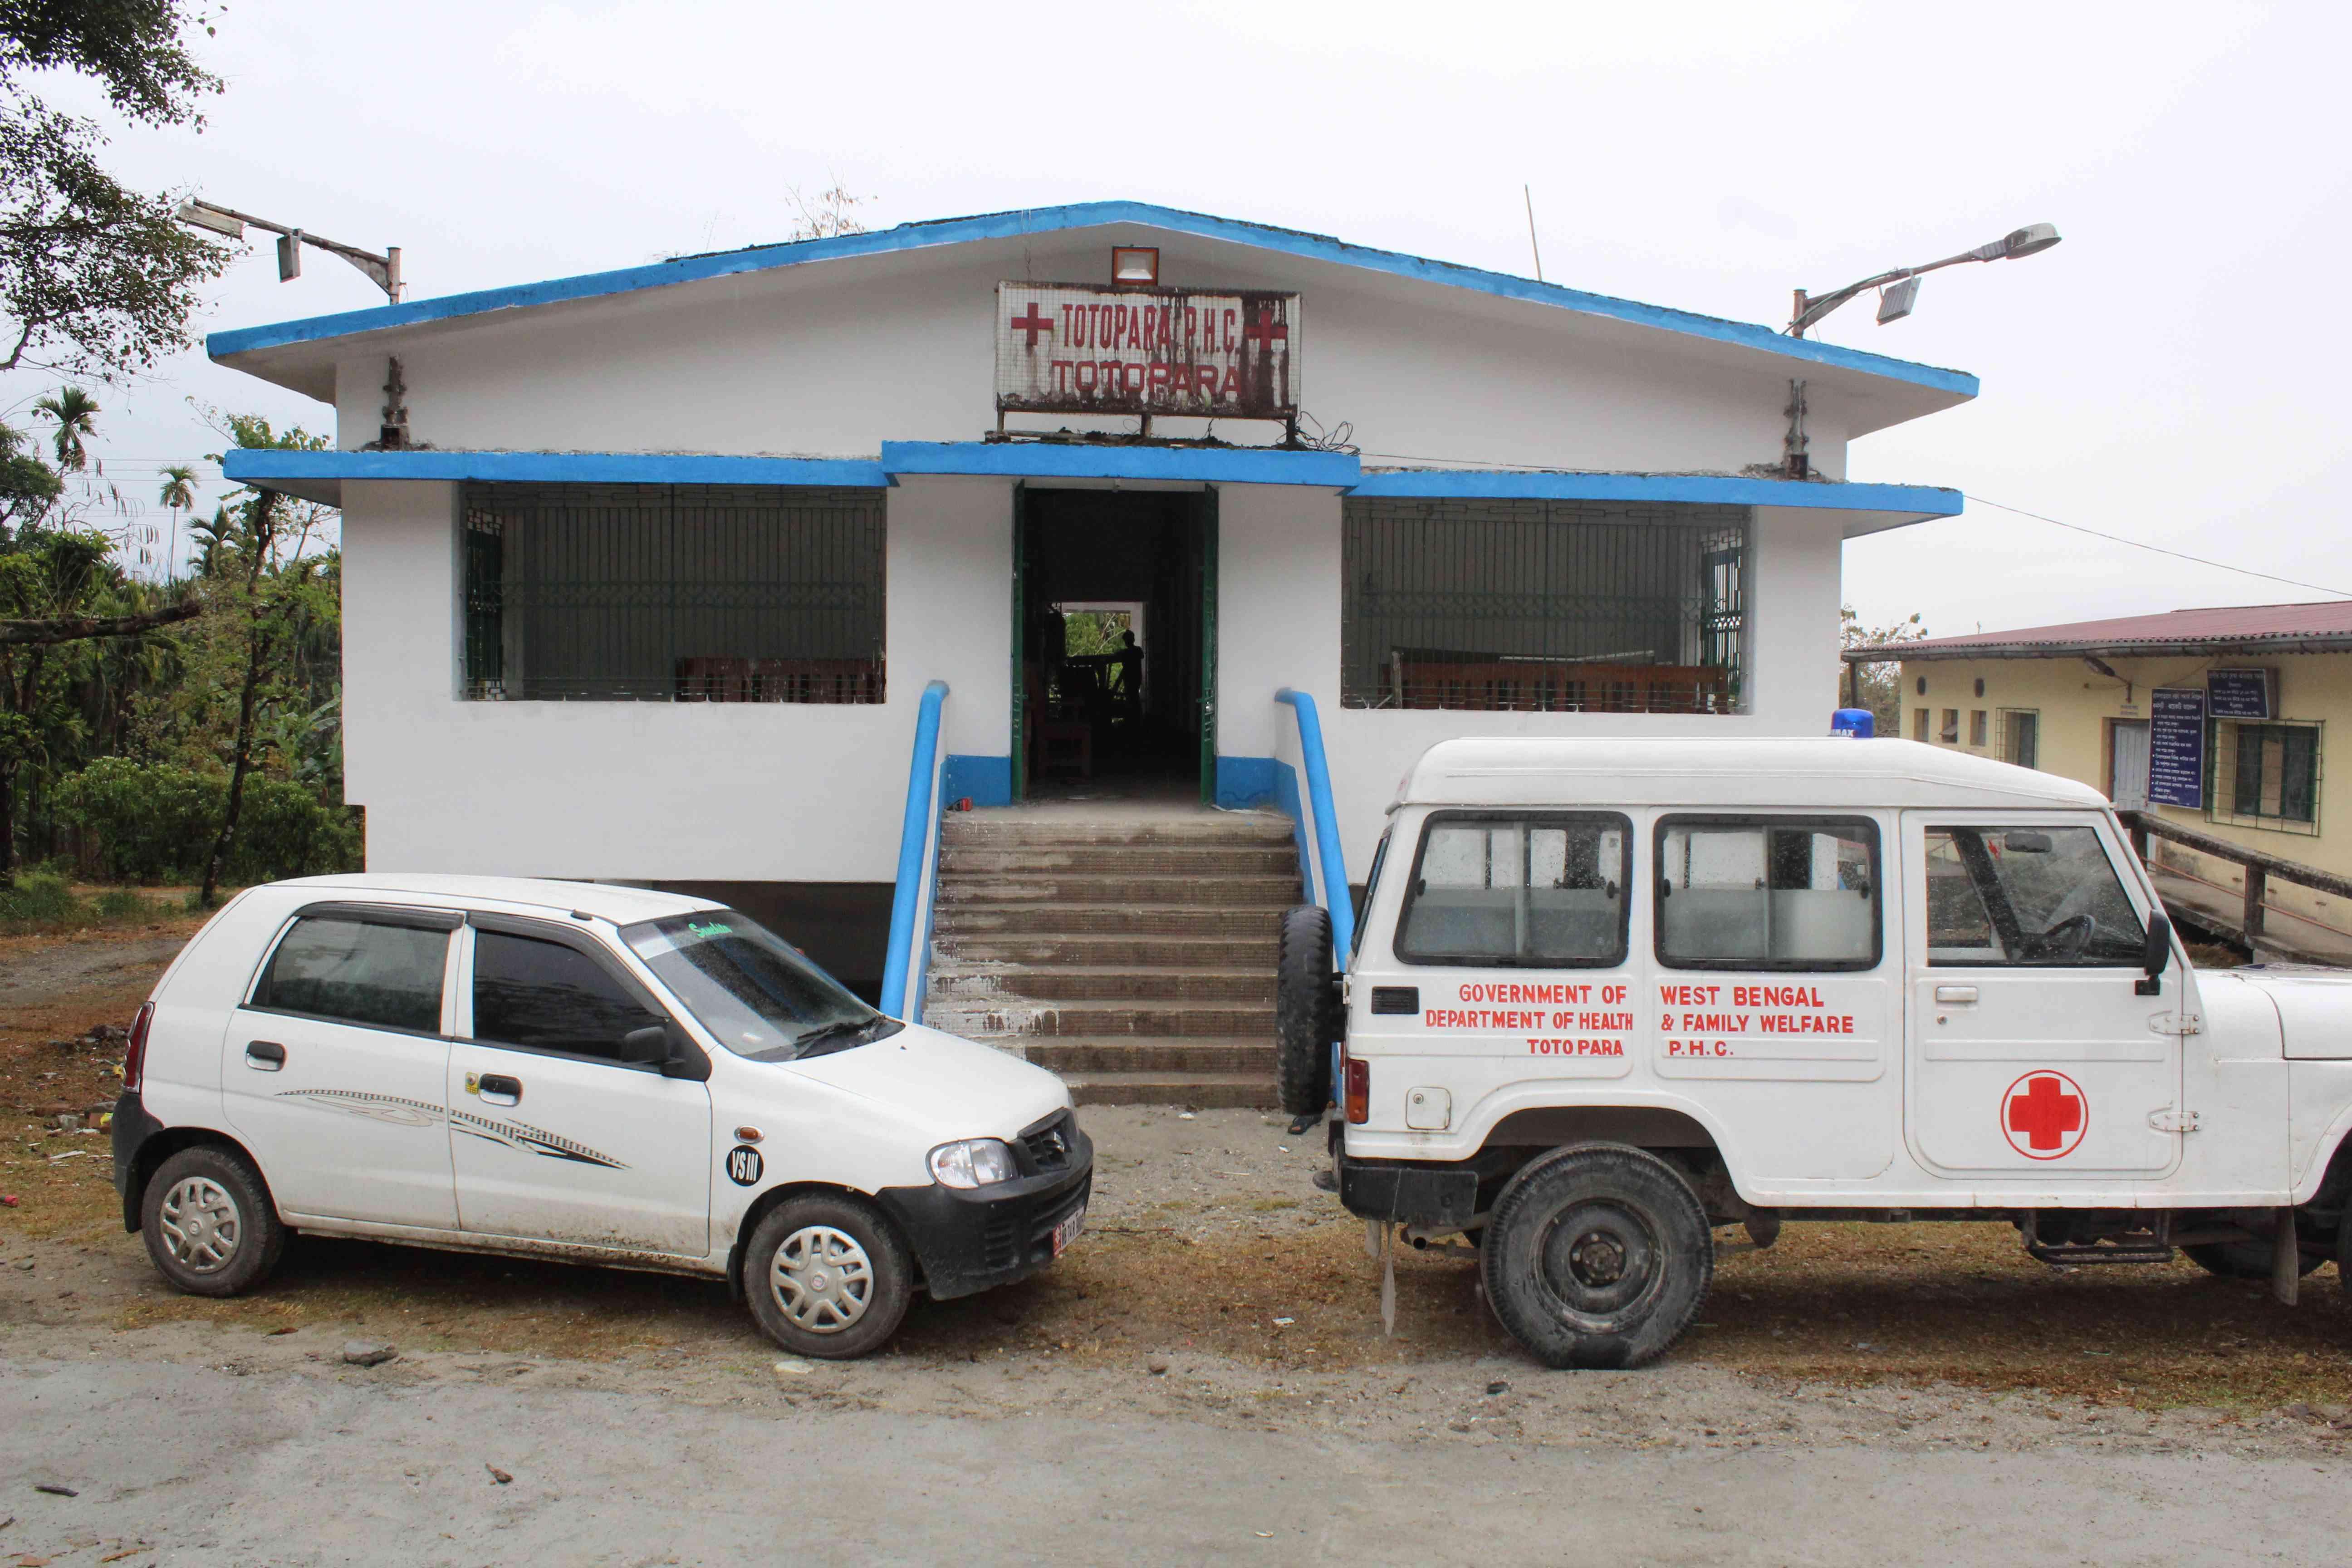 टोटोपाड़ा की पूरी आबादी अपनी स्वास्थ्य समस्याओं के लिए इस एकमात्र प्राथमिक स्वास्थ्य केंद्र पर निर्भर है